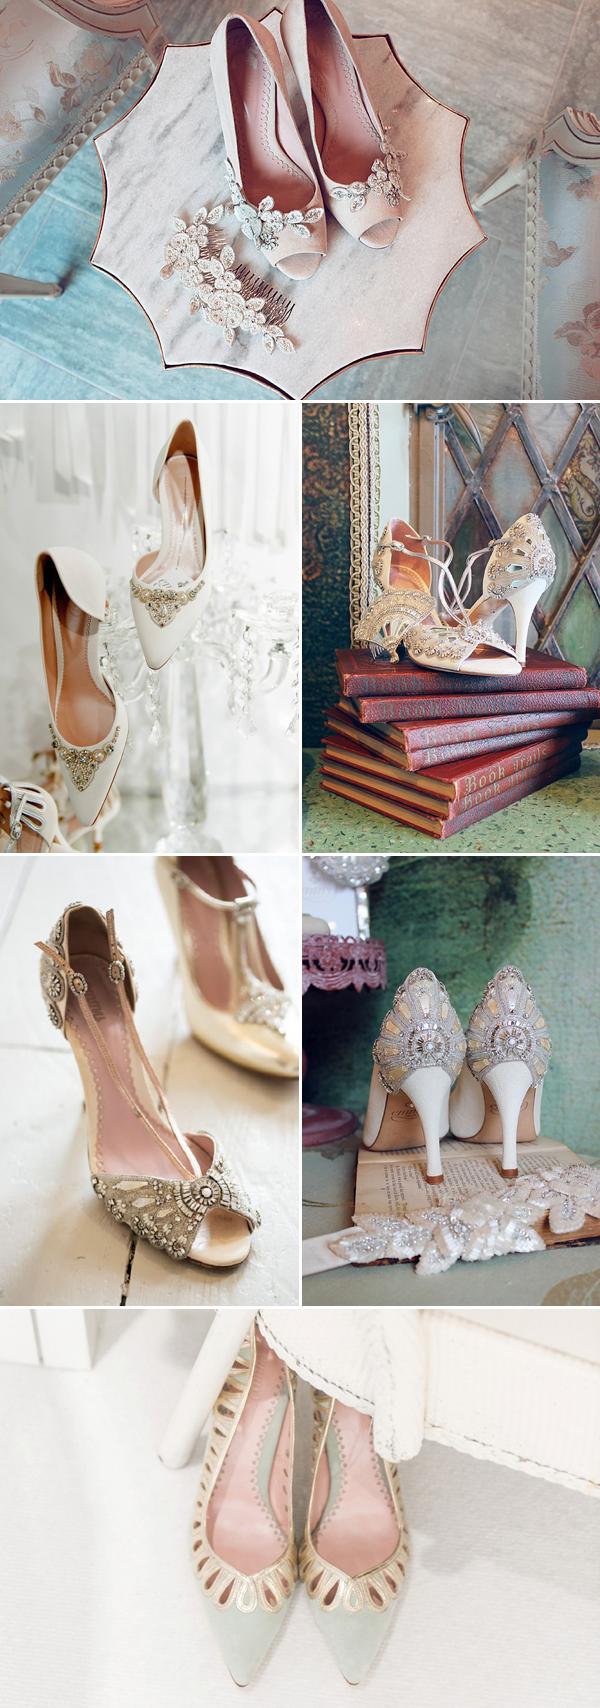 04-EmmyShoes